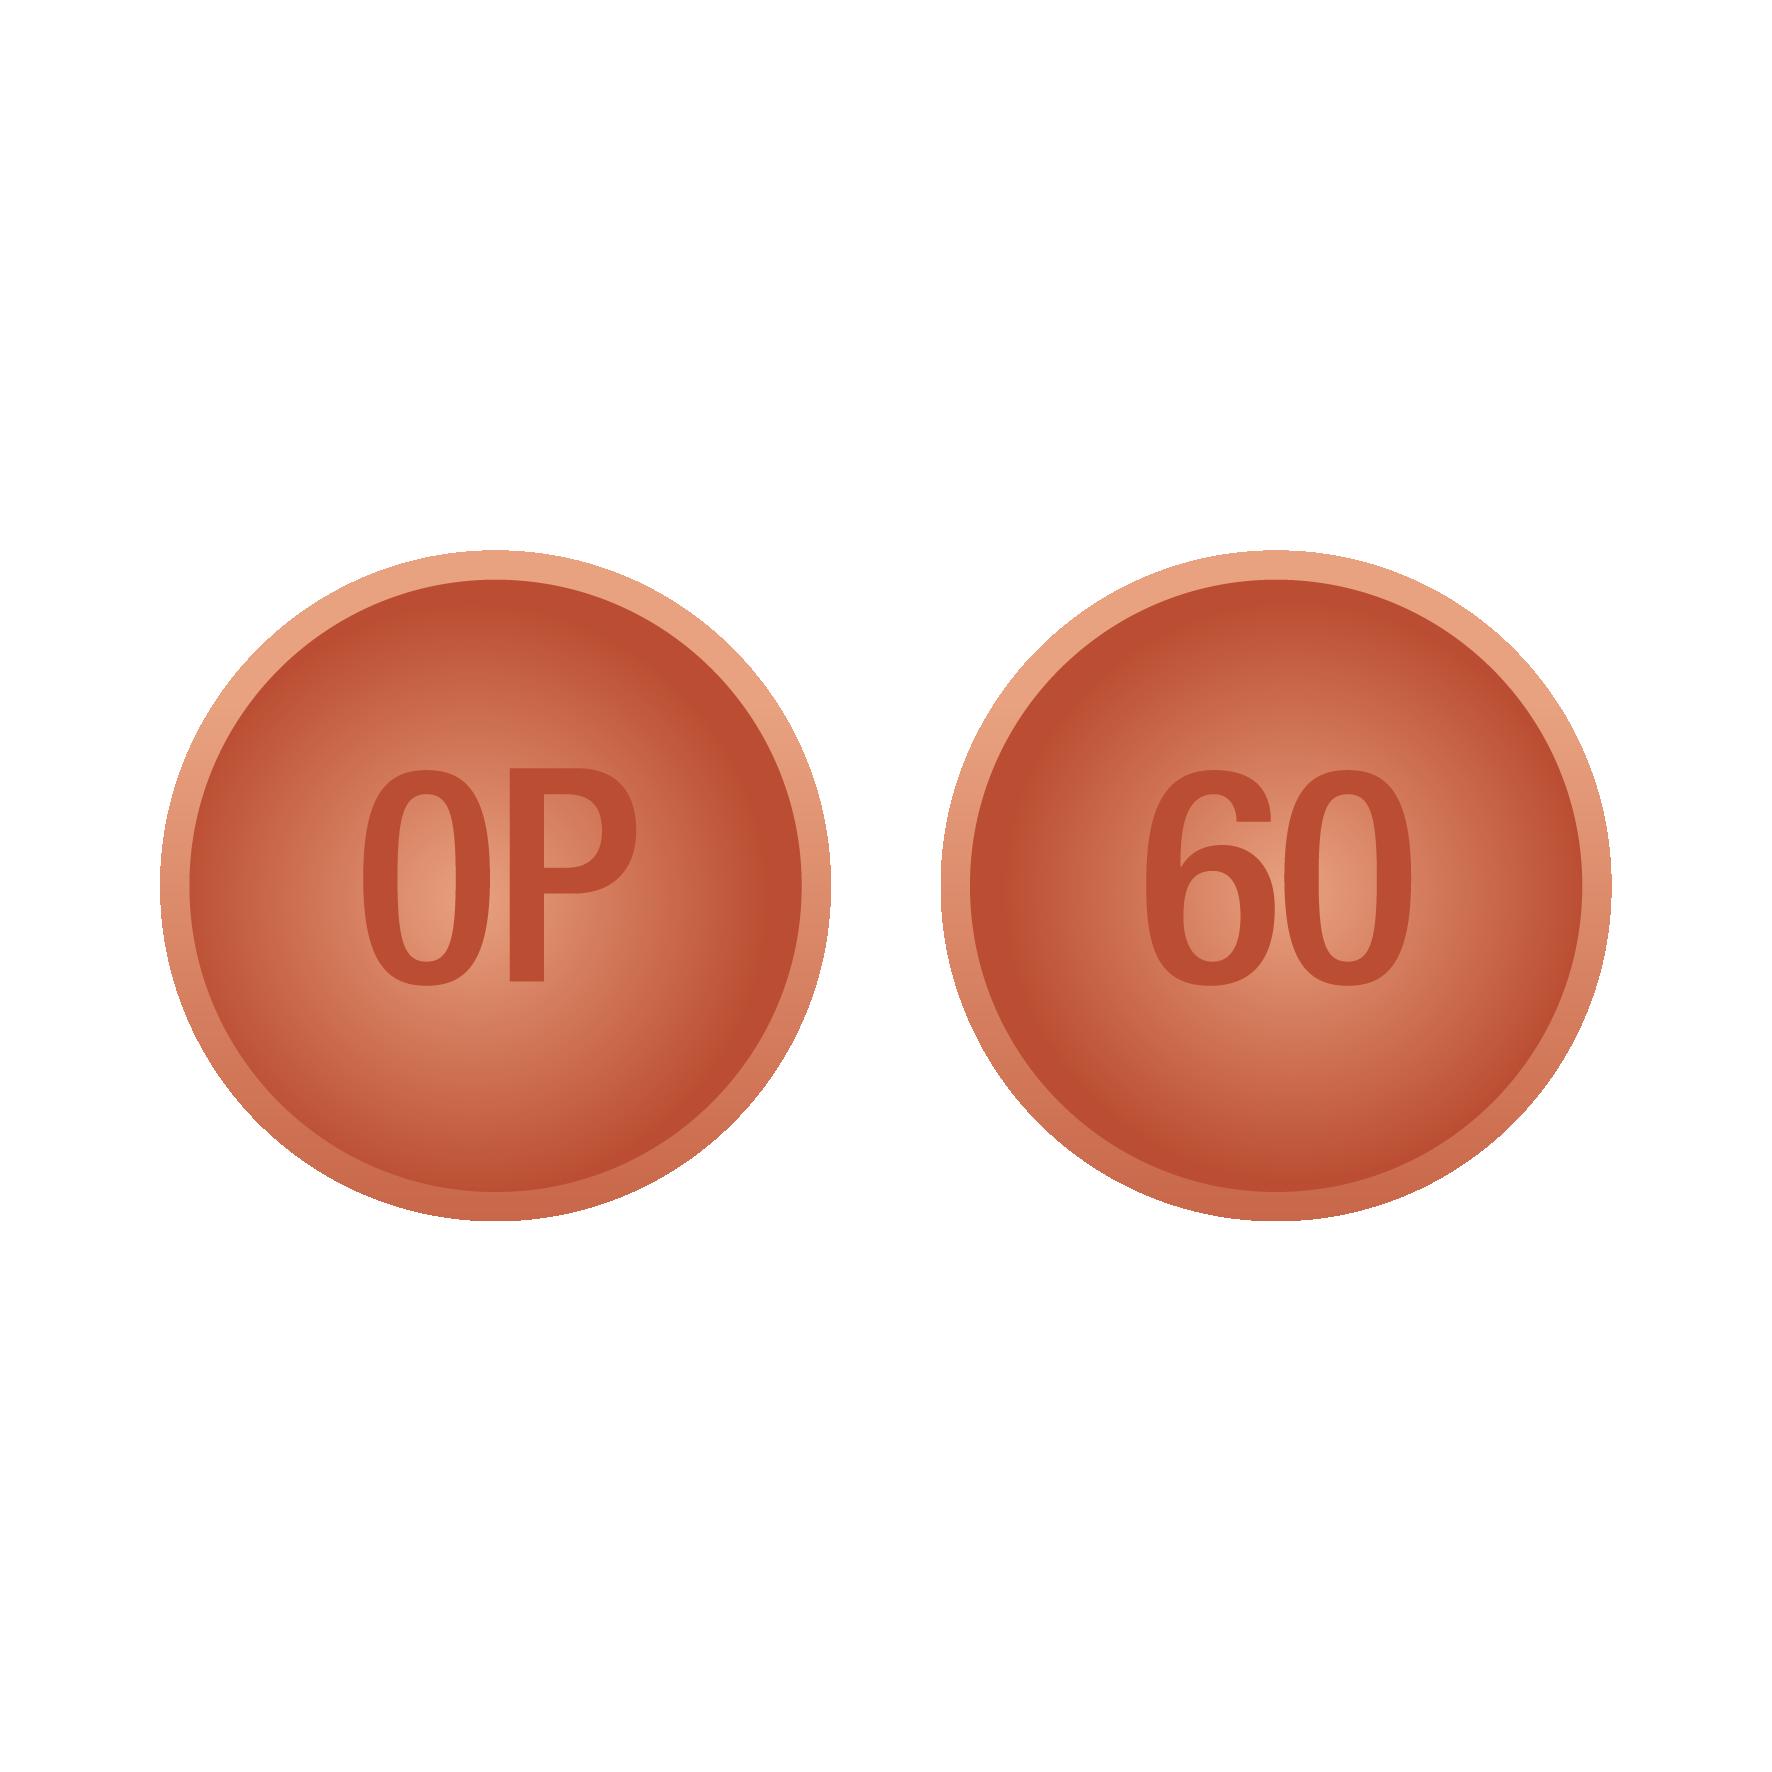 Oxi60